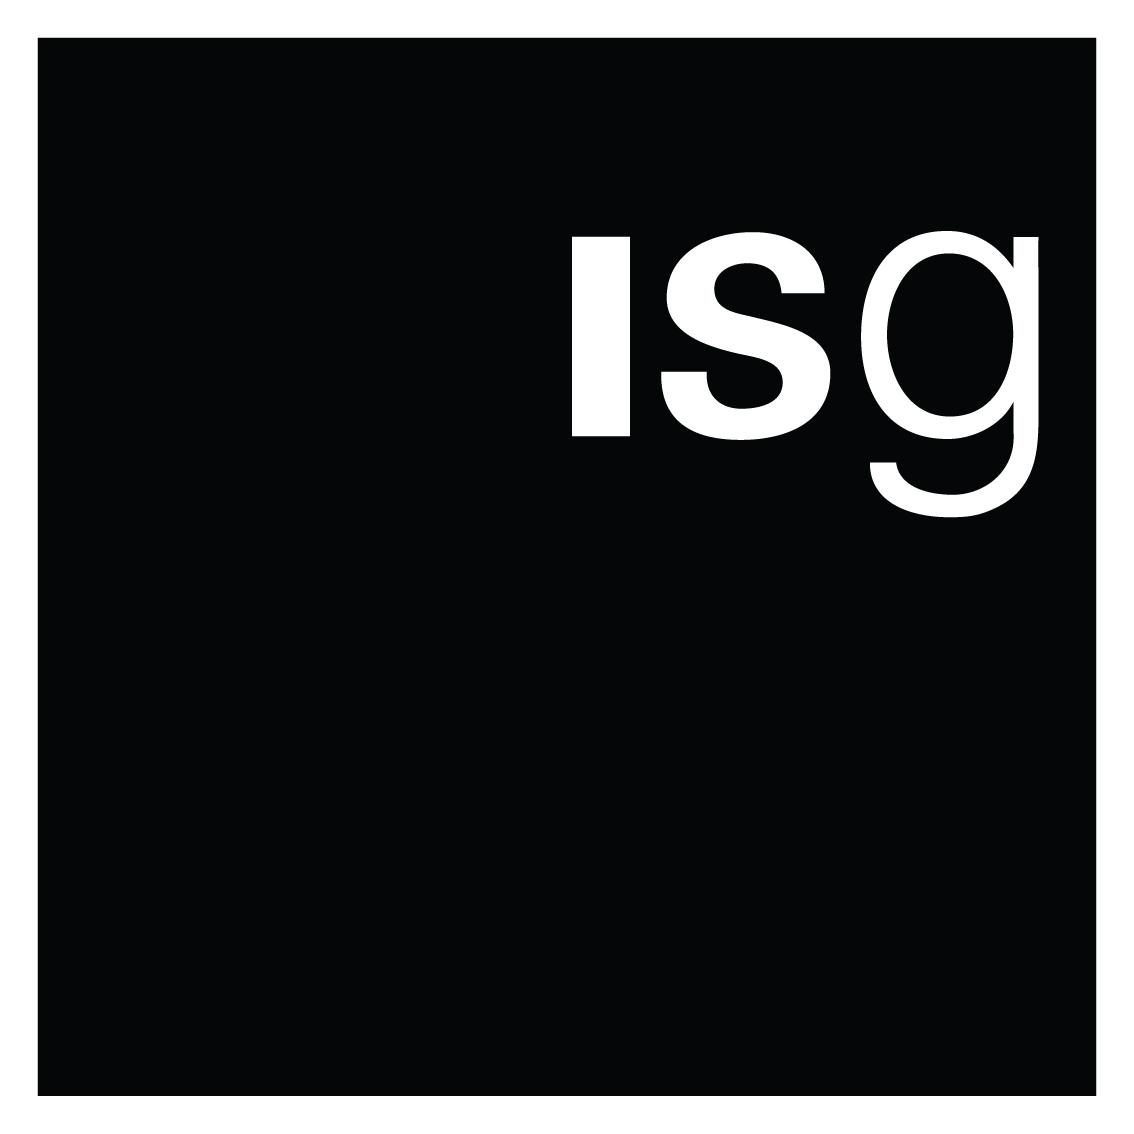 ISG.jpg